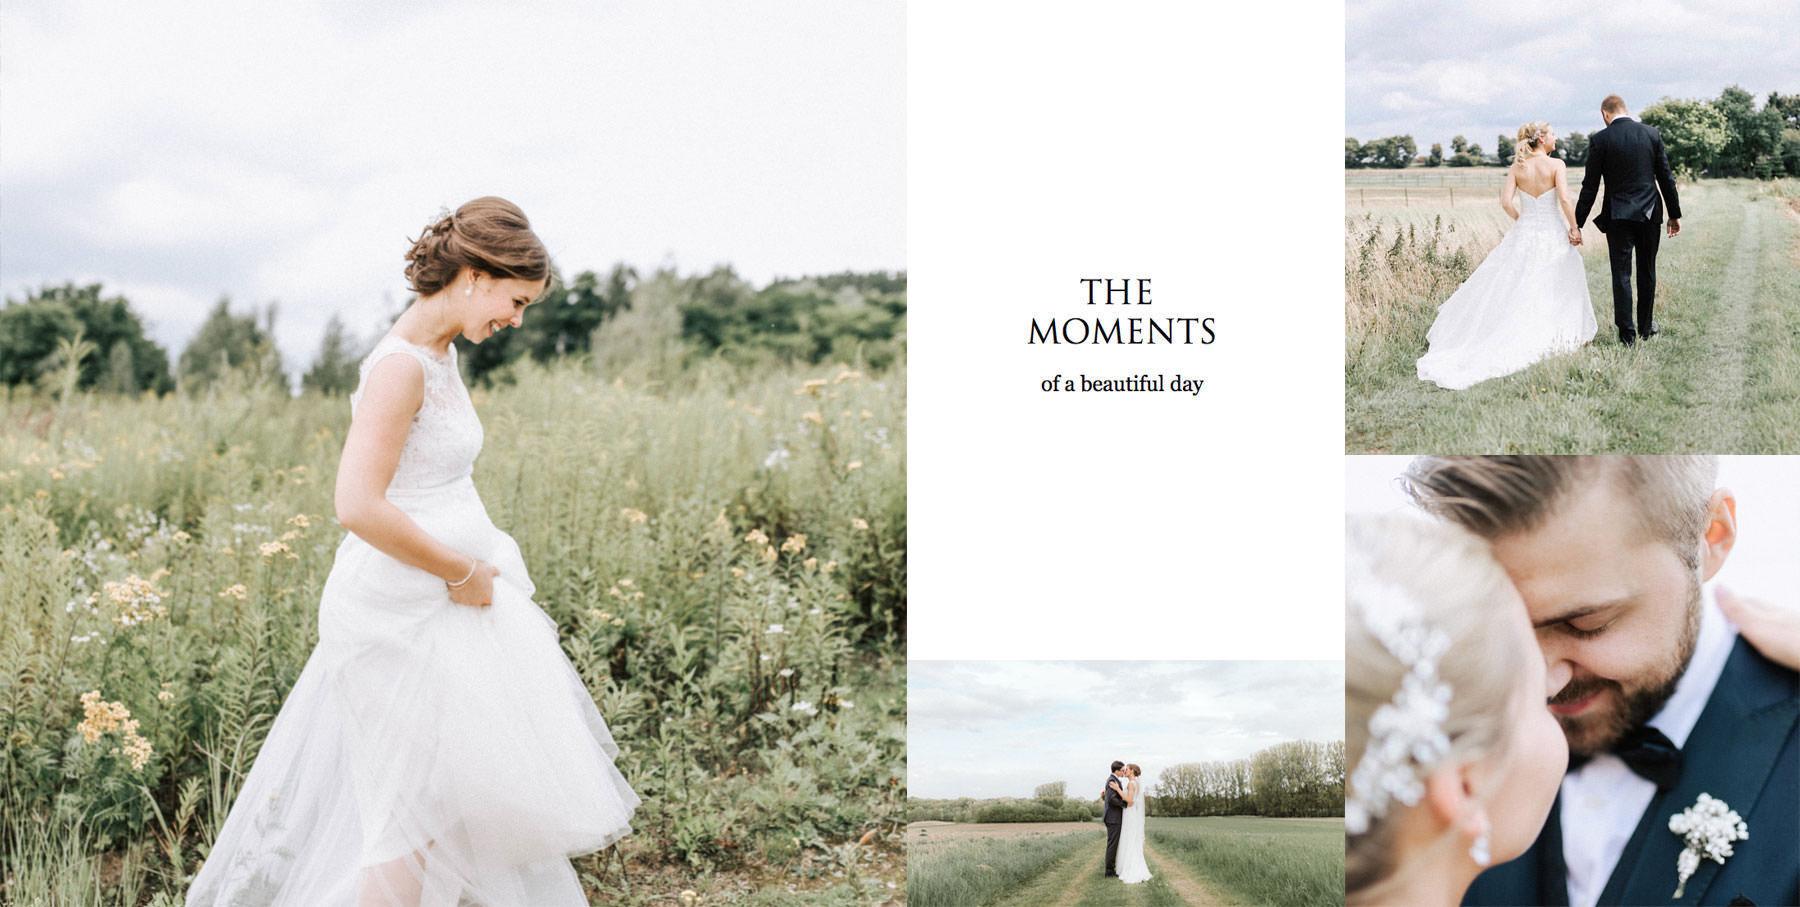 Hochzeitsfotograf Osnabrck  Authentische Hochzeitsfotos